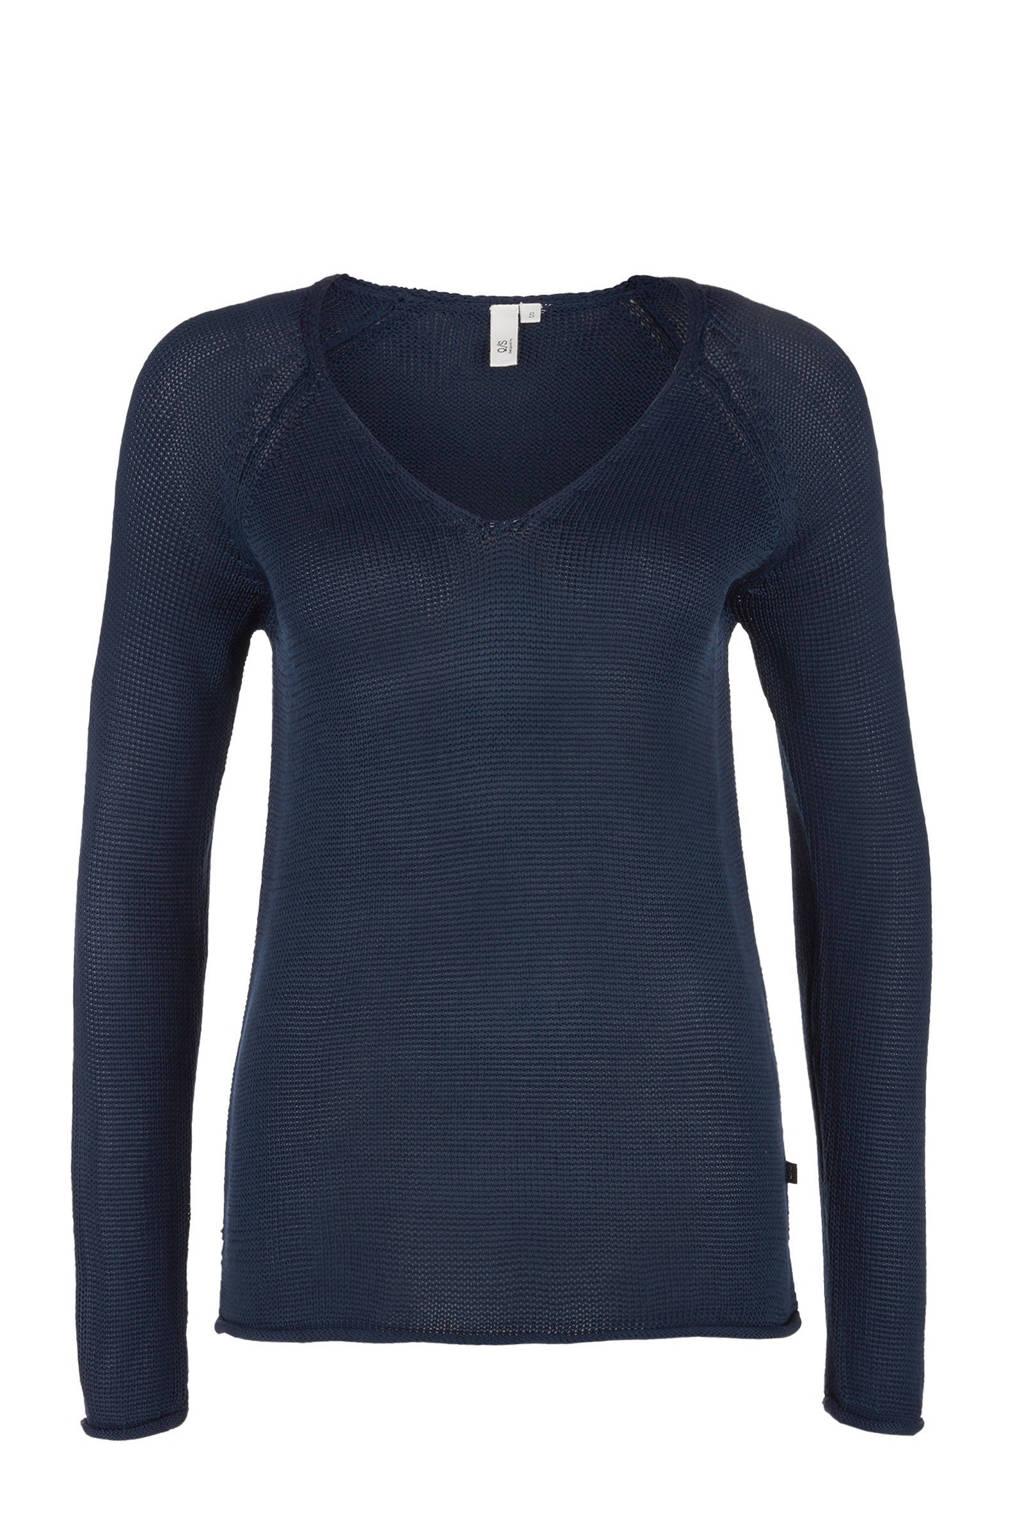 Q/S designed by trui blauw, Donkerblauw